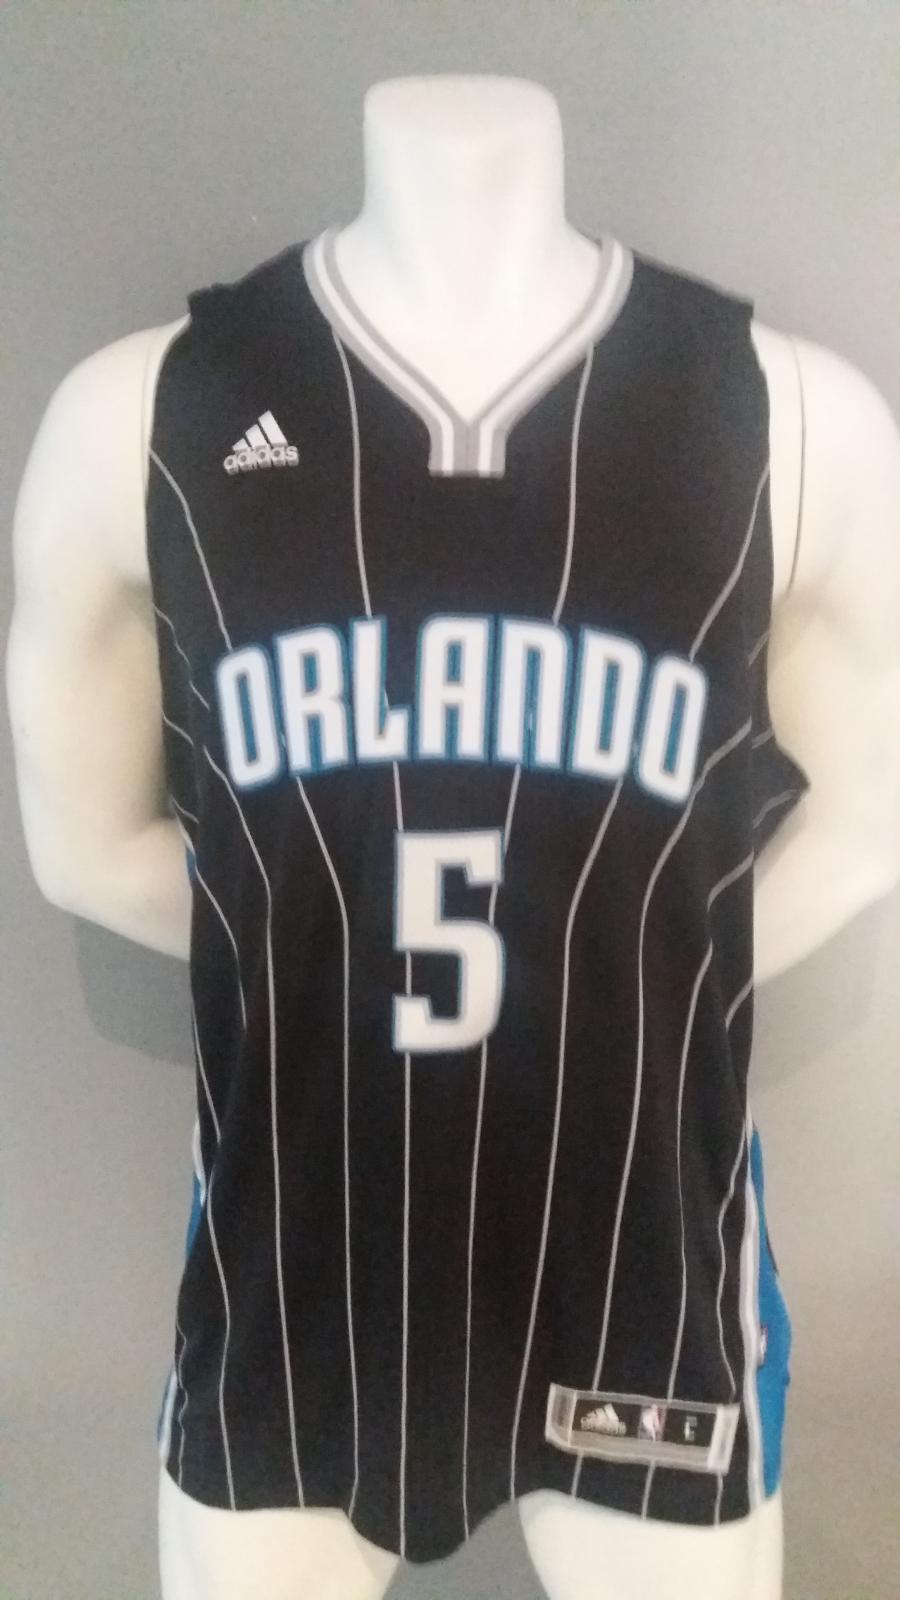 Jersey - Swingman - Hombre - Victor Oladipo - Orlando Magic - Road - Adidas